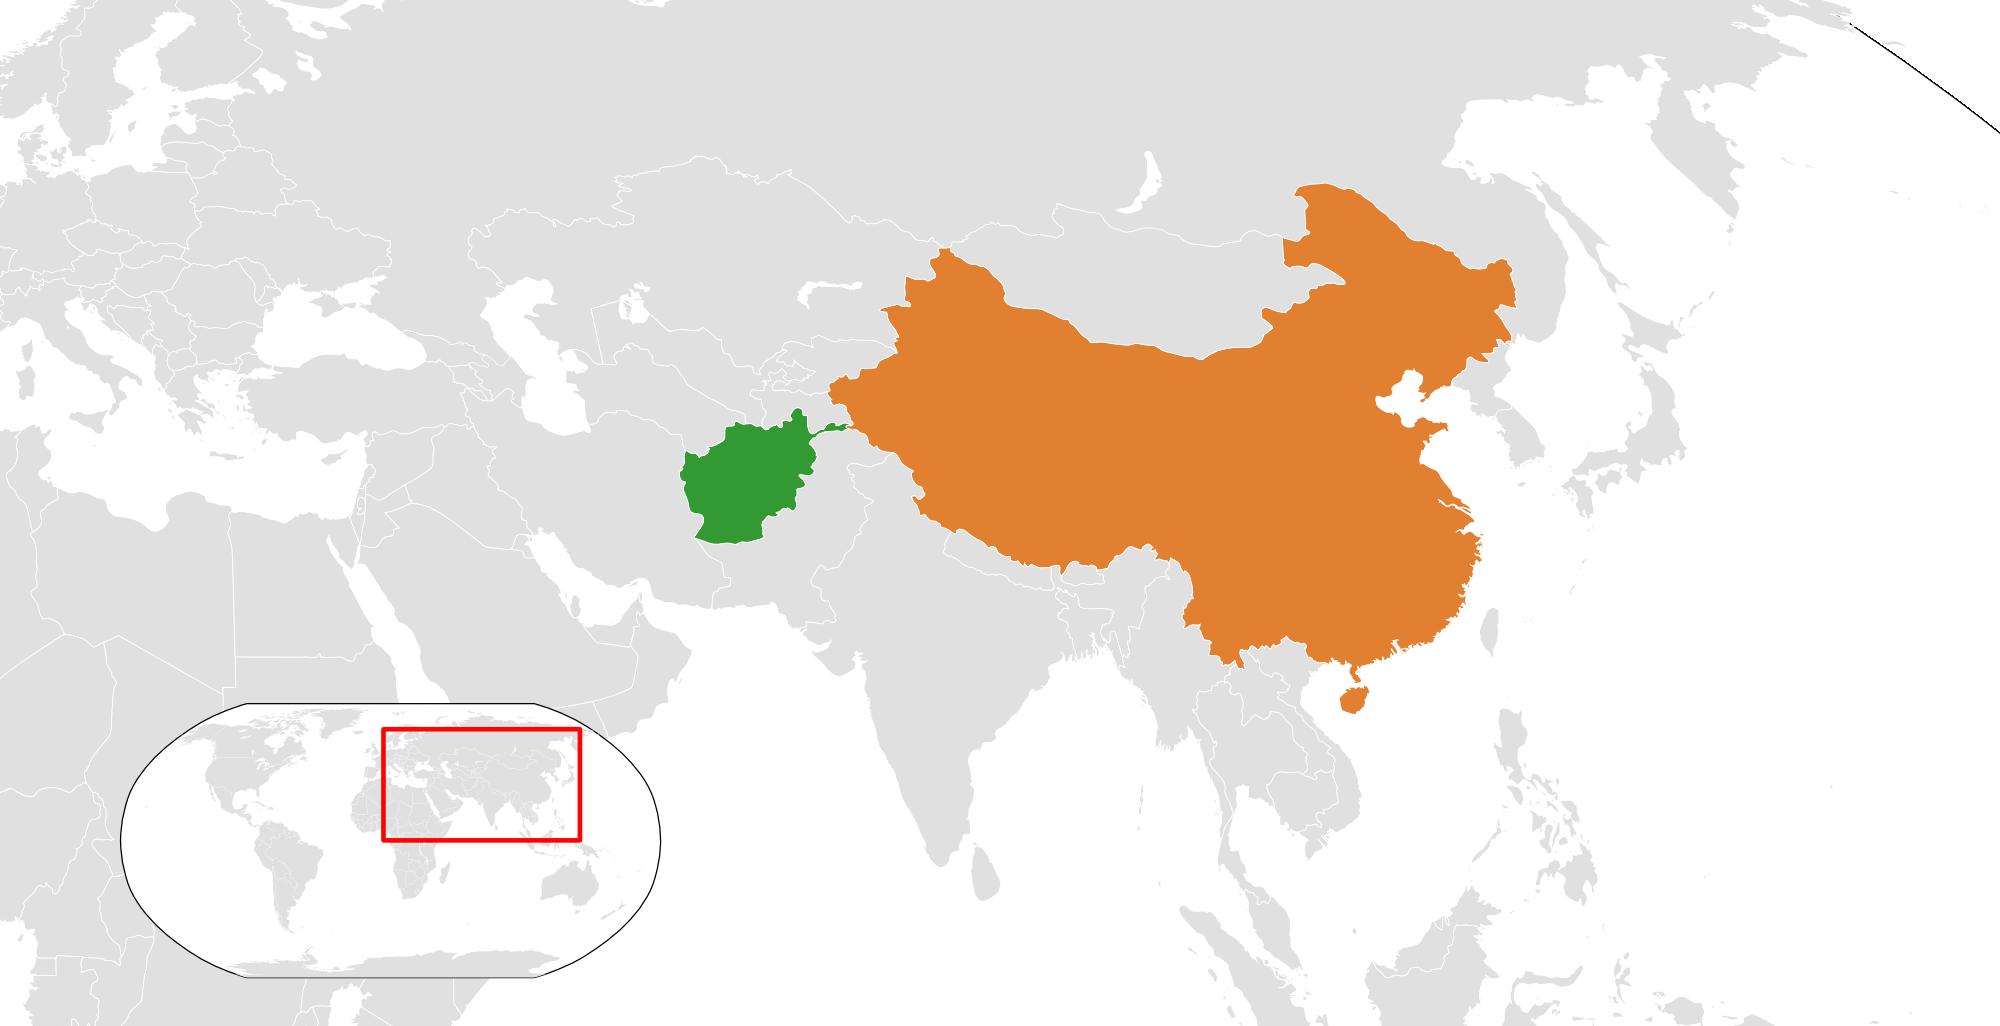 Frontera entre Afganistán y China - Wikipedia, la enciclopedia libre